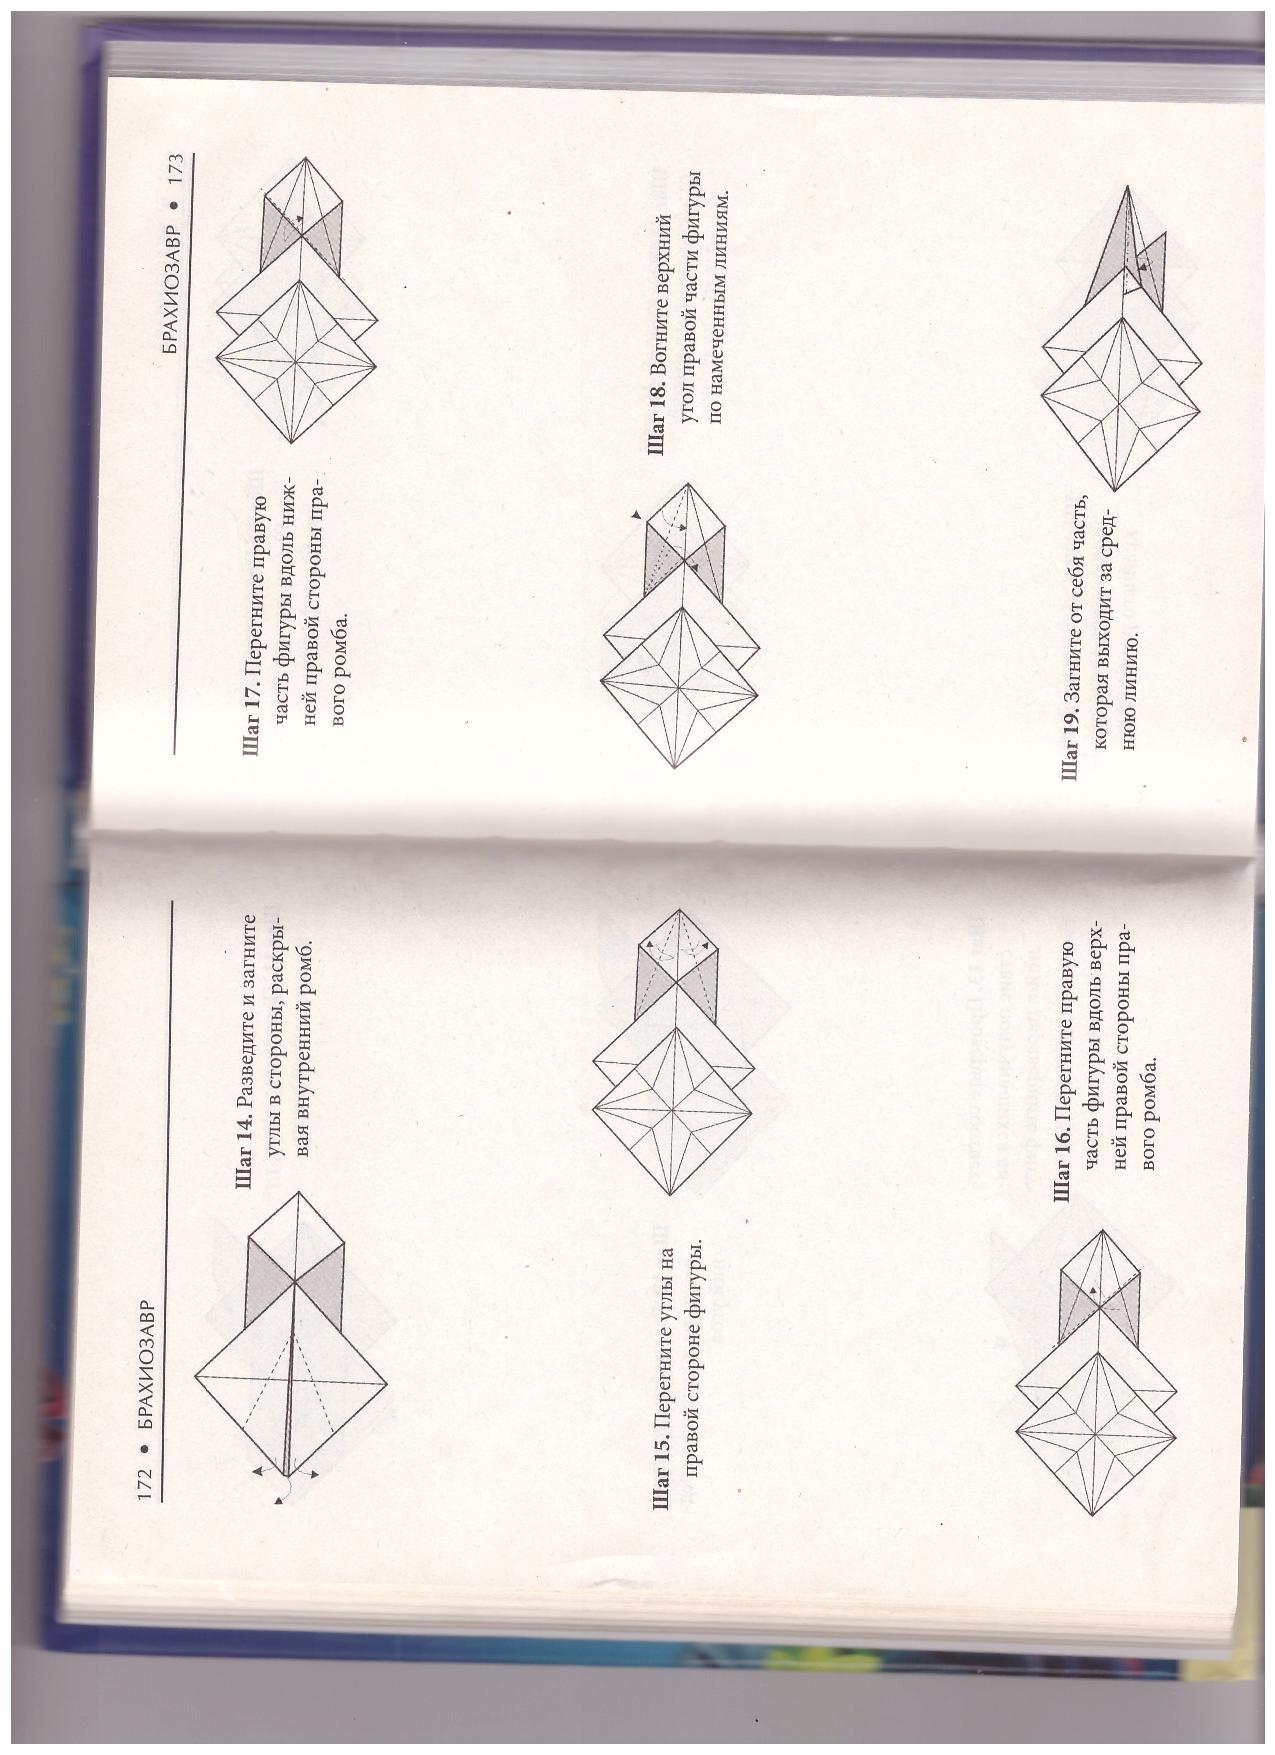 D:\Users\Туяна Сергеевна\Desktop\ЖТС\оригами динозавры\оригами динозавры 003.jpg